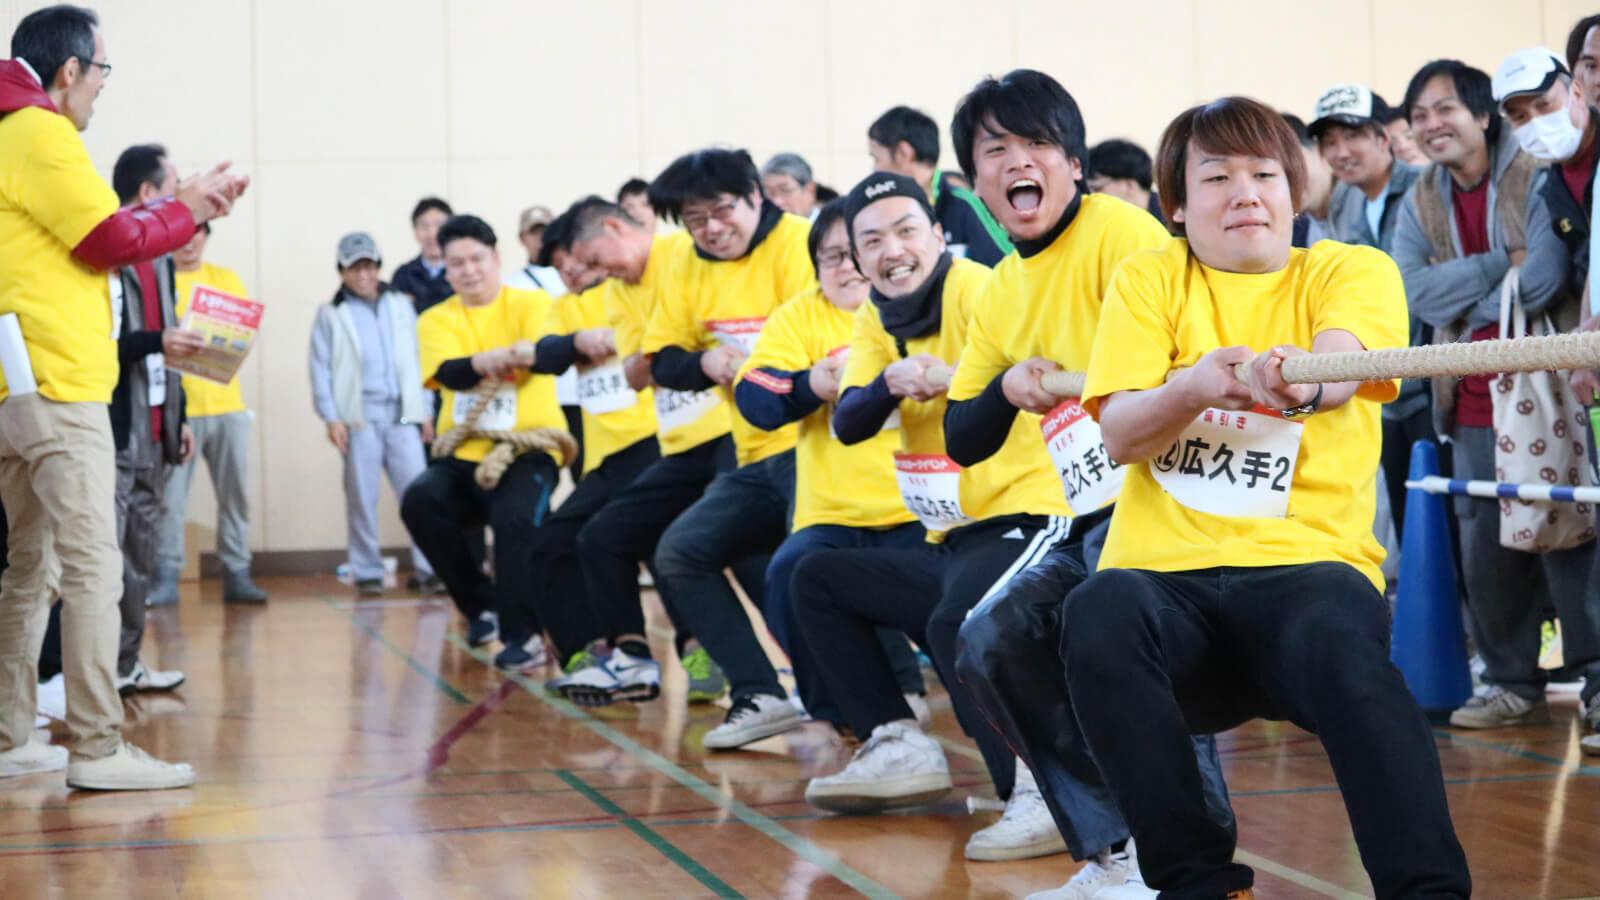 トヨテツスポーツイベント